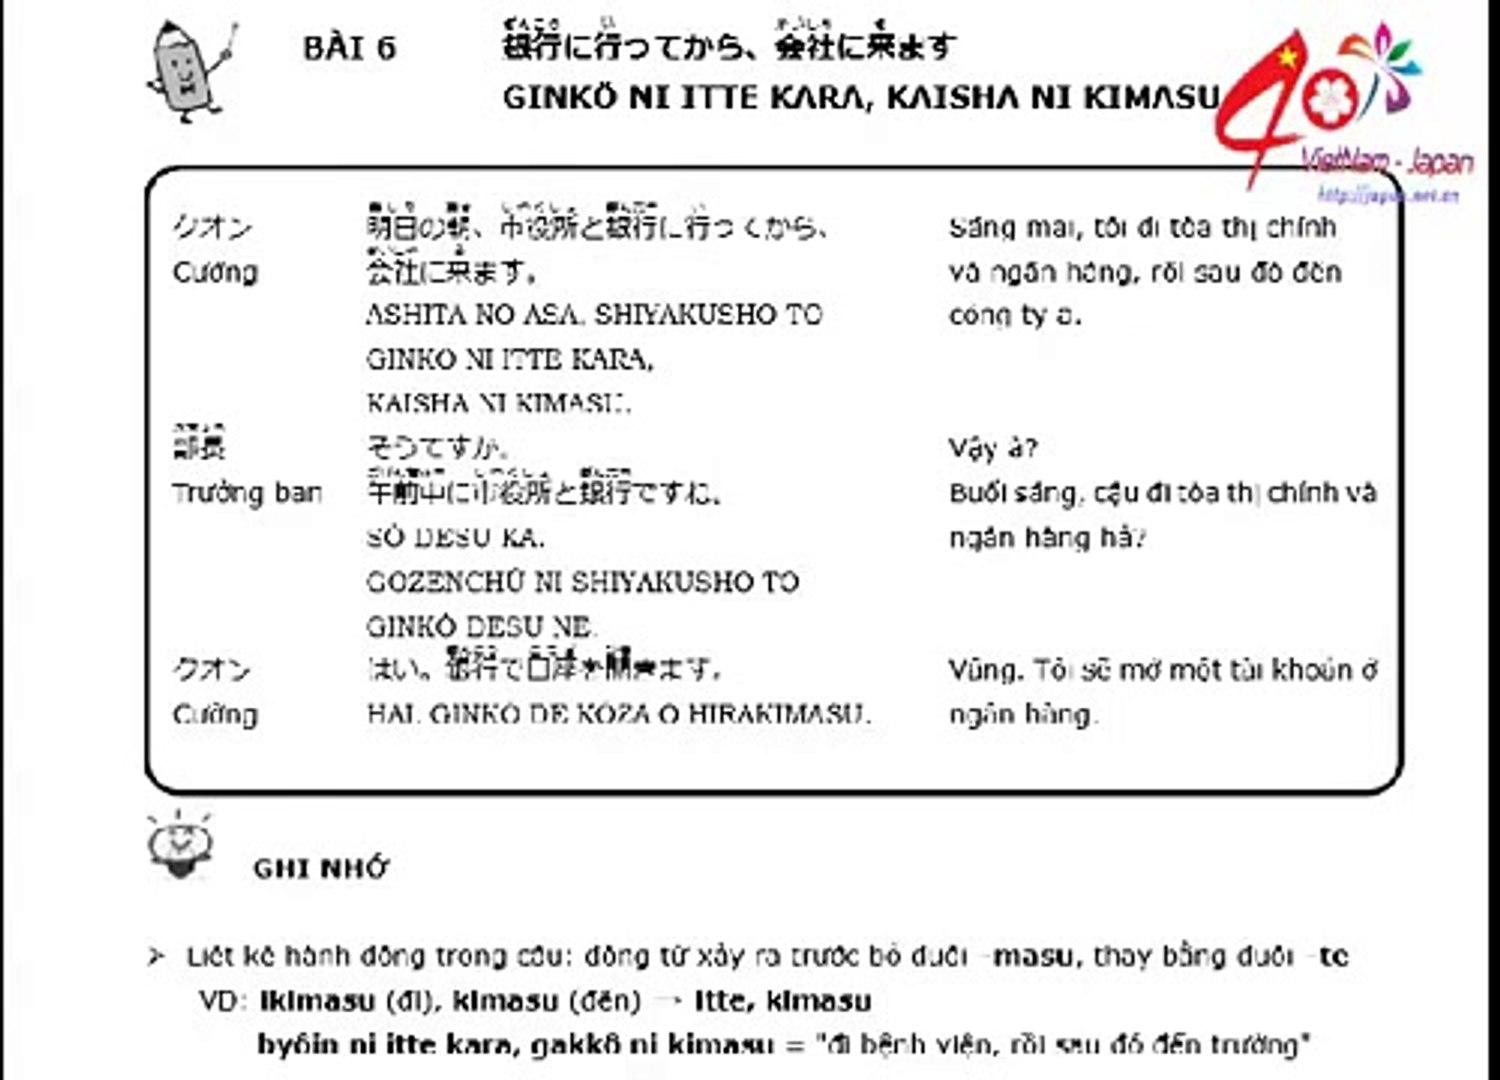 Cùng nhau học tiếng Nhật bài 6 Sau khi đi ngân hàng, tôi sẽ đến công ty Radio đài NHK